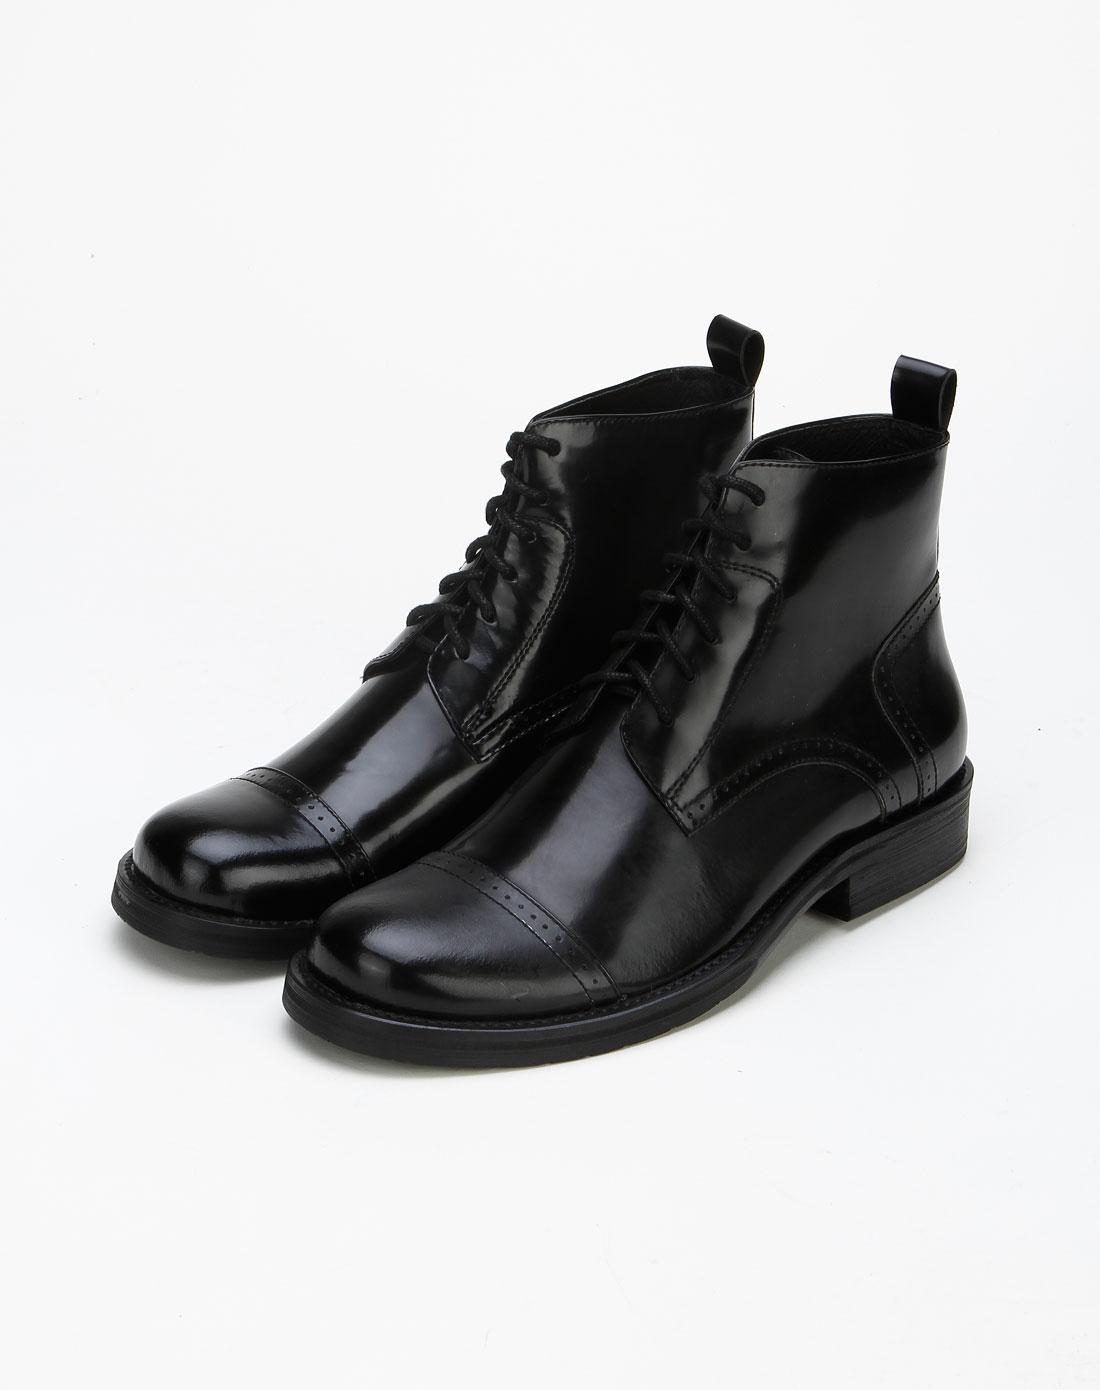 黑色裤子蓝色鞋子 黑色皮鞋配灰色裤子